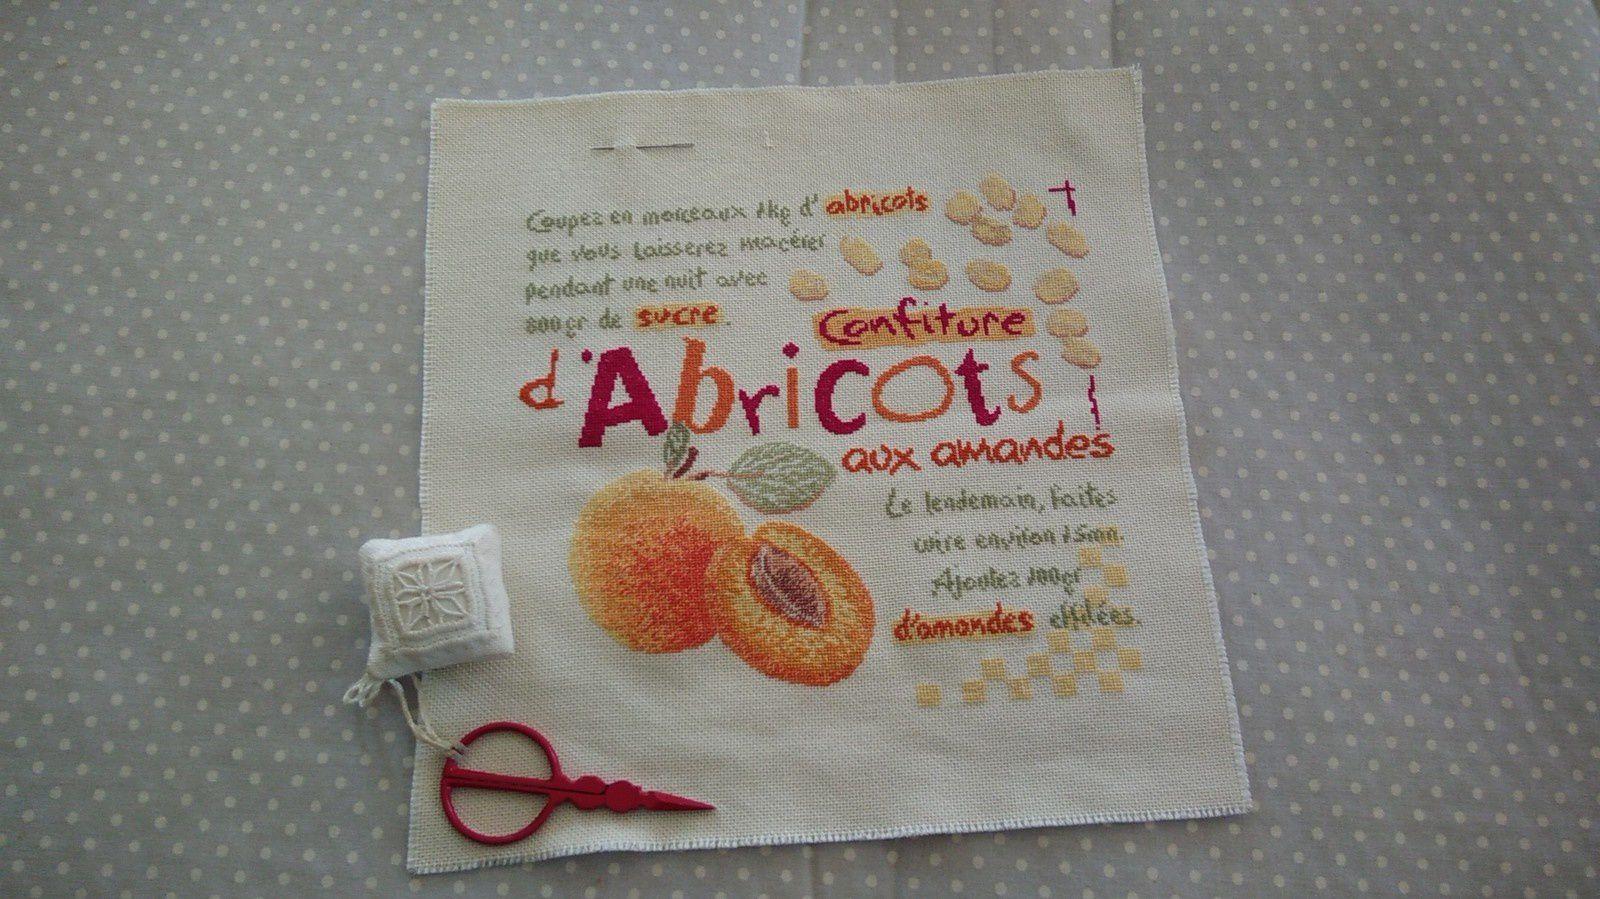 LLP confiture d'abricots.....8